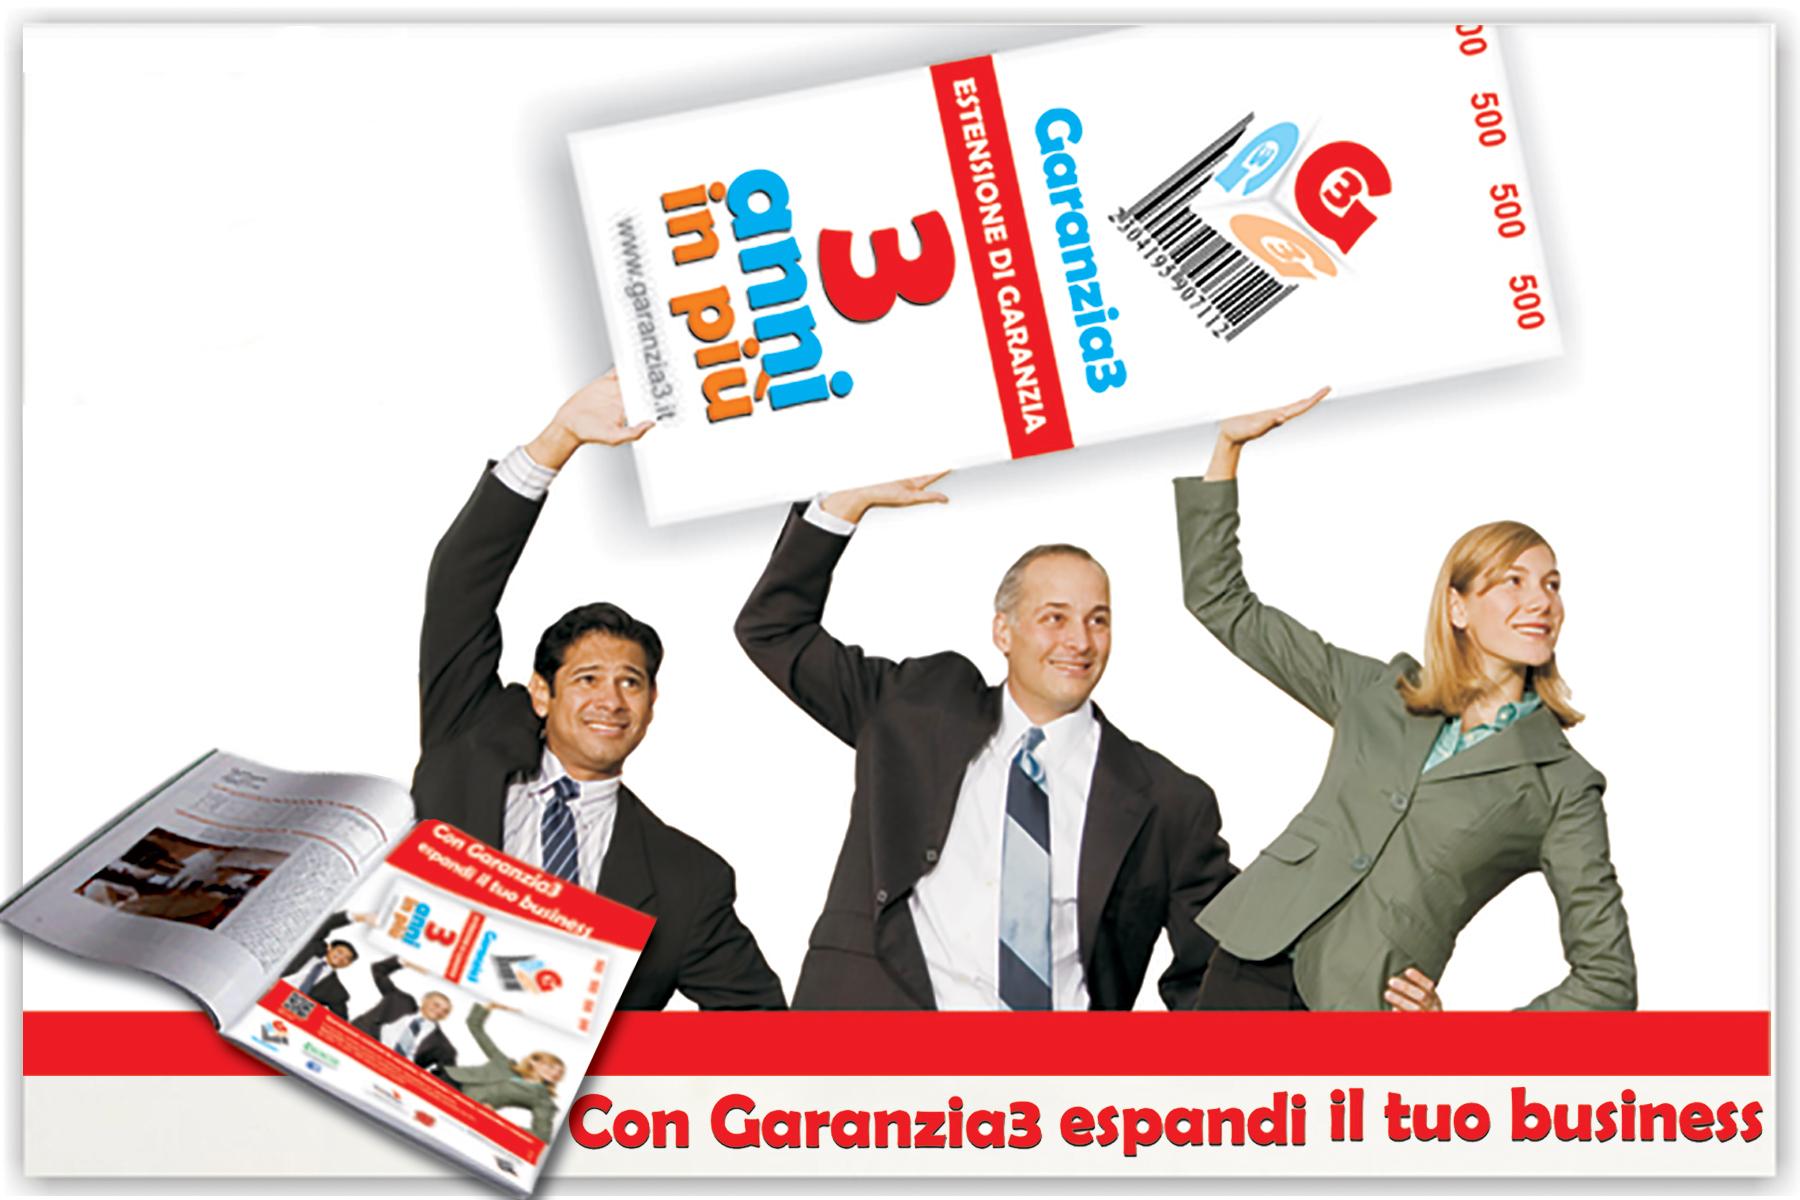 g3-espandi-il-tuo-business